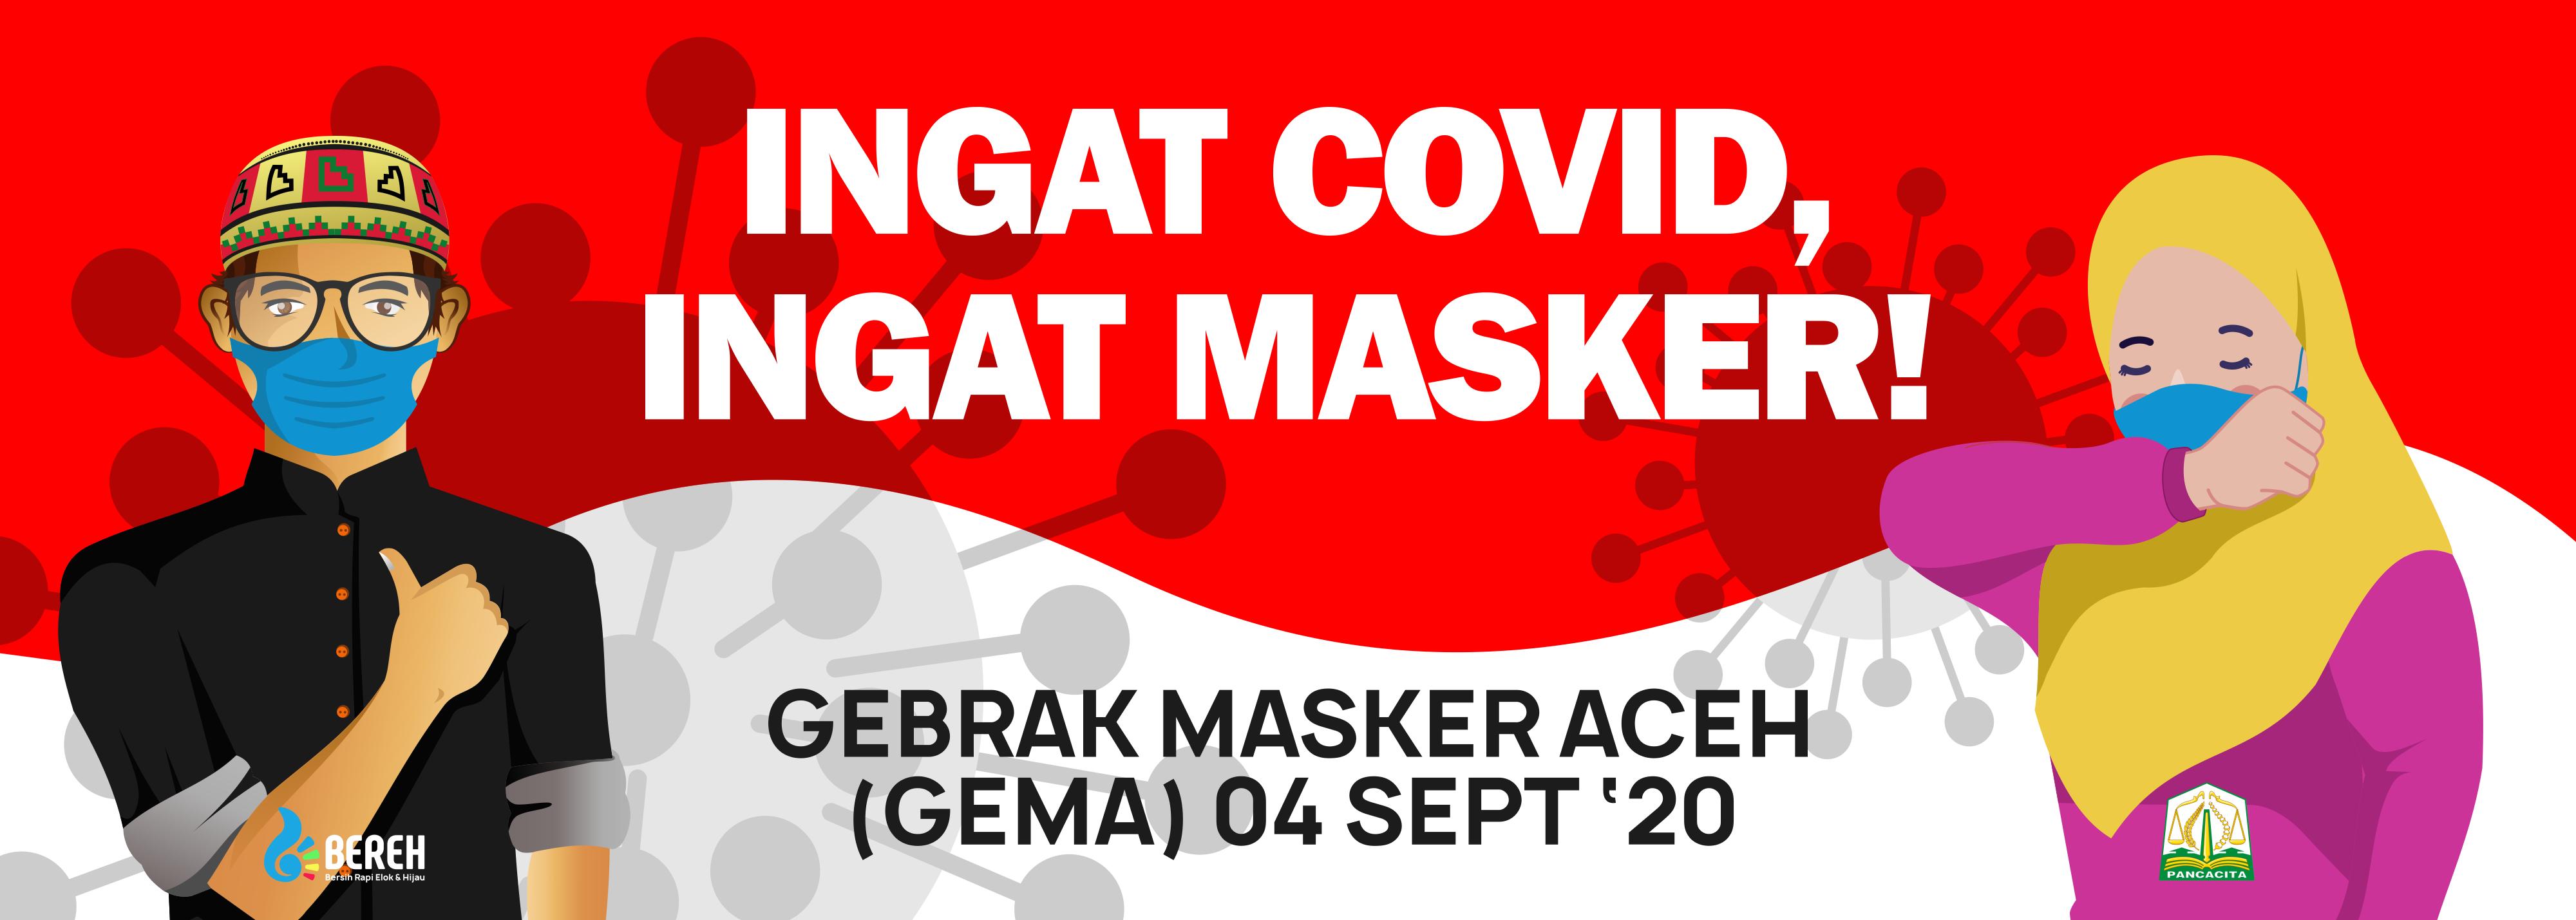 Pemerintah Aceh Kampanyekan Pemakaian Masker Melalui Stiker Mobil - Dinas  Lingkungan Hidup dan Kehutanan